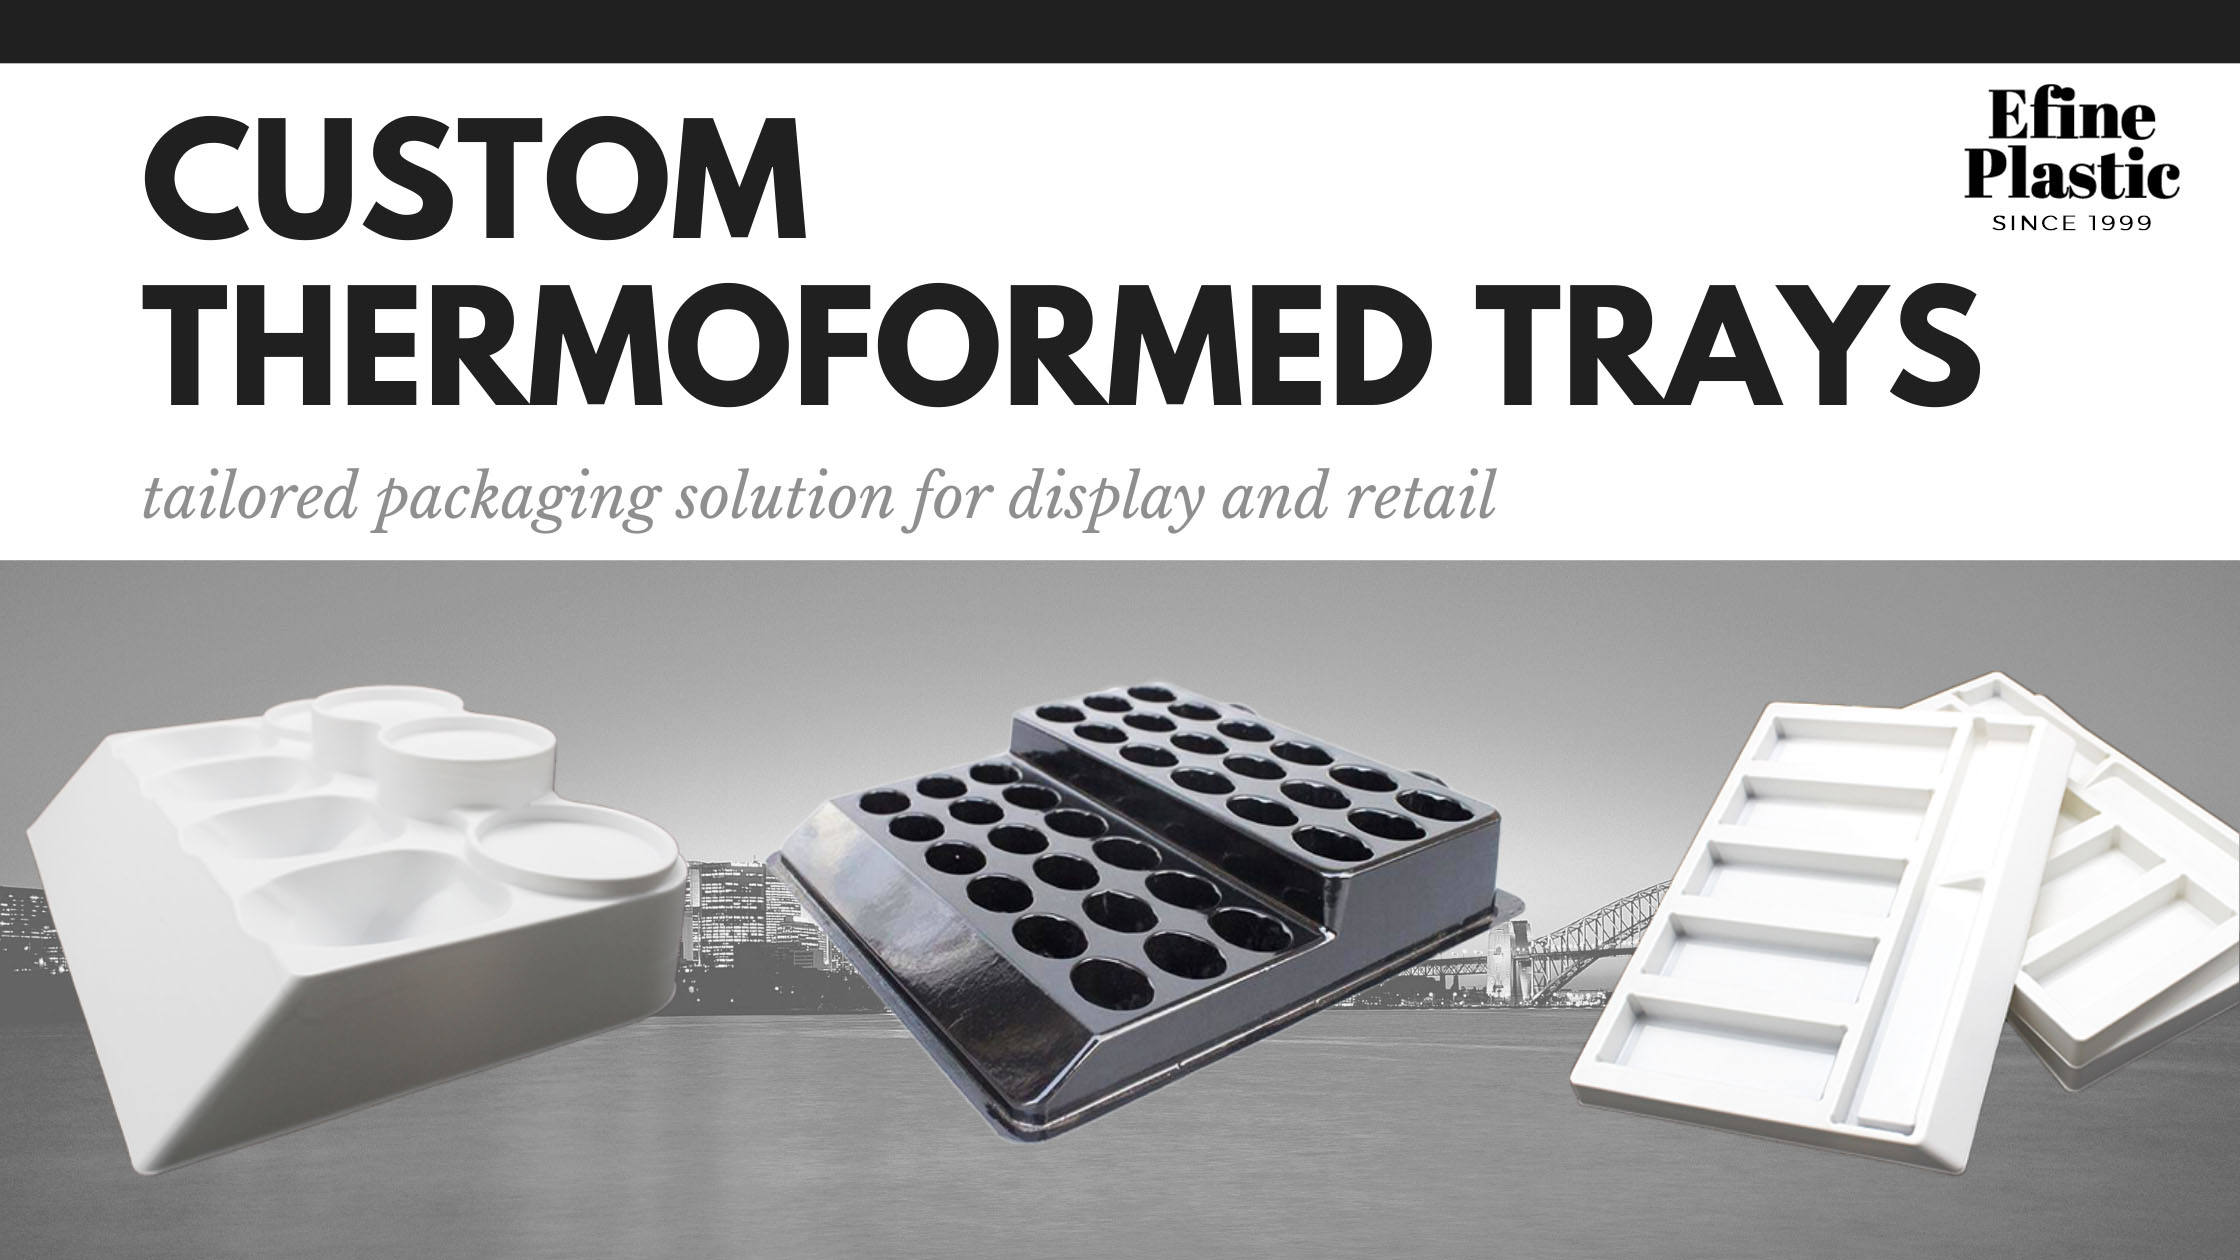 Custom Thermoformed Trays